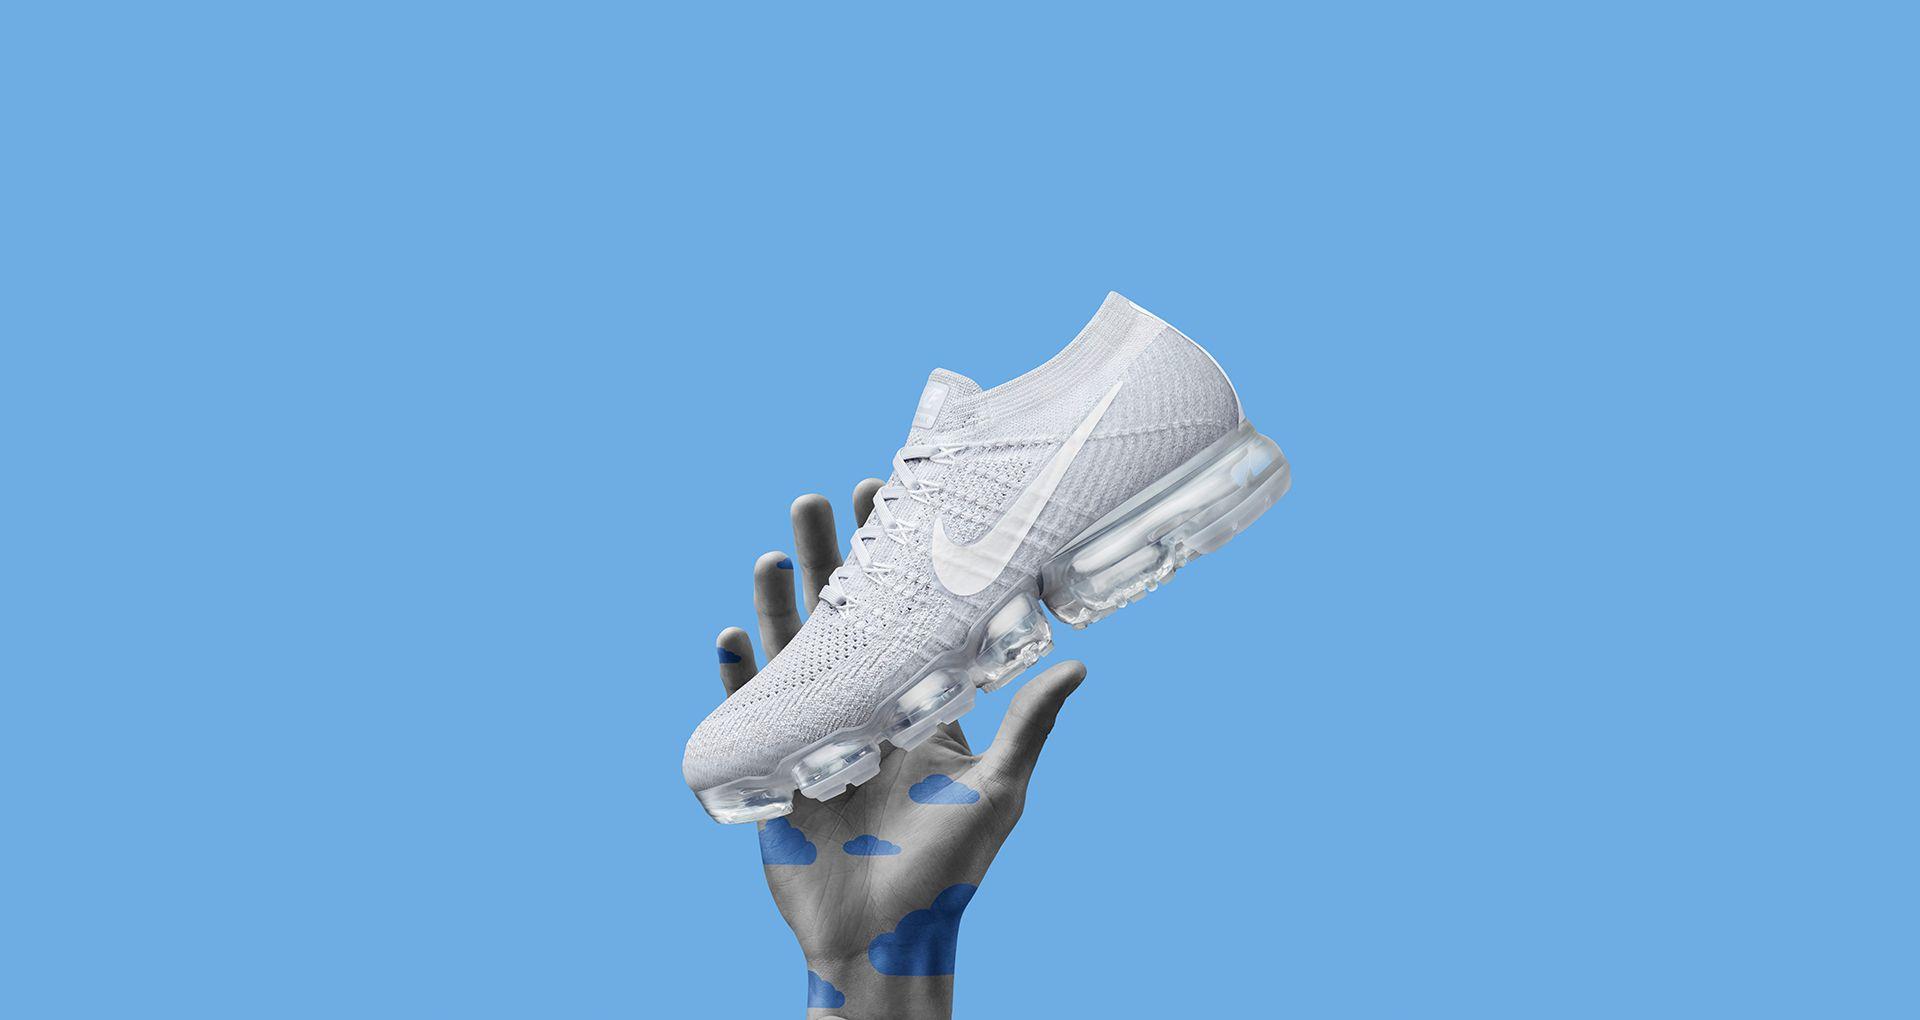 CONCOURS : Gagnez une paire de Nike Air VaporMax | Thé air